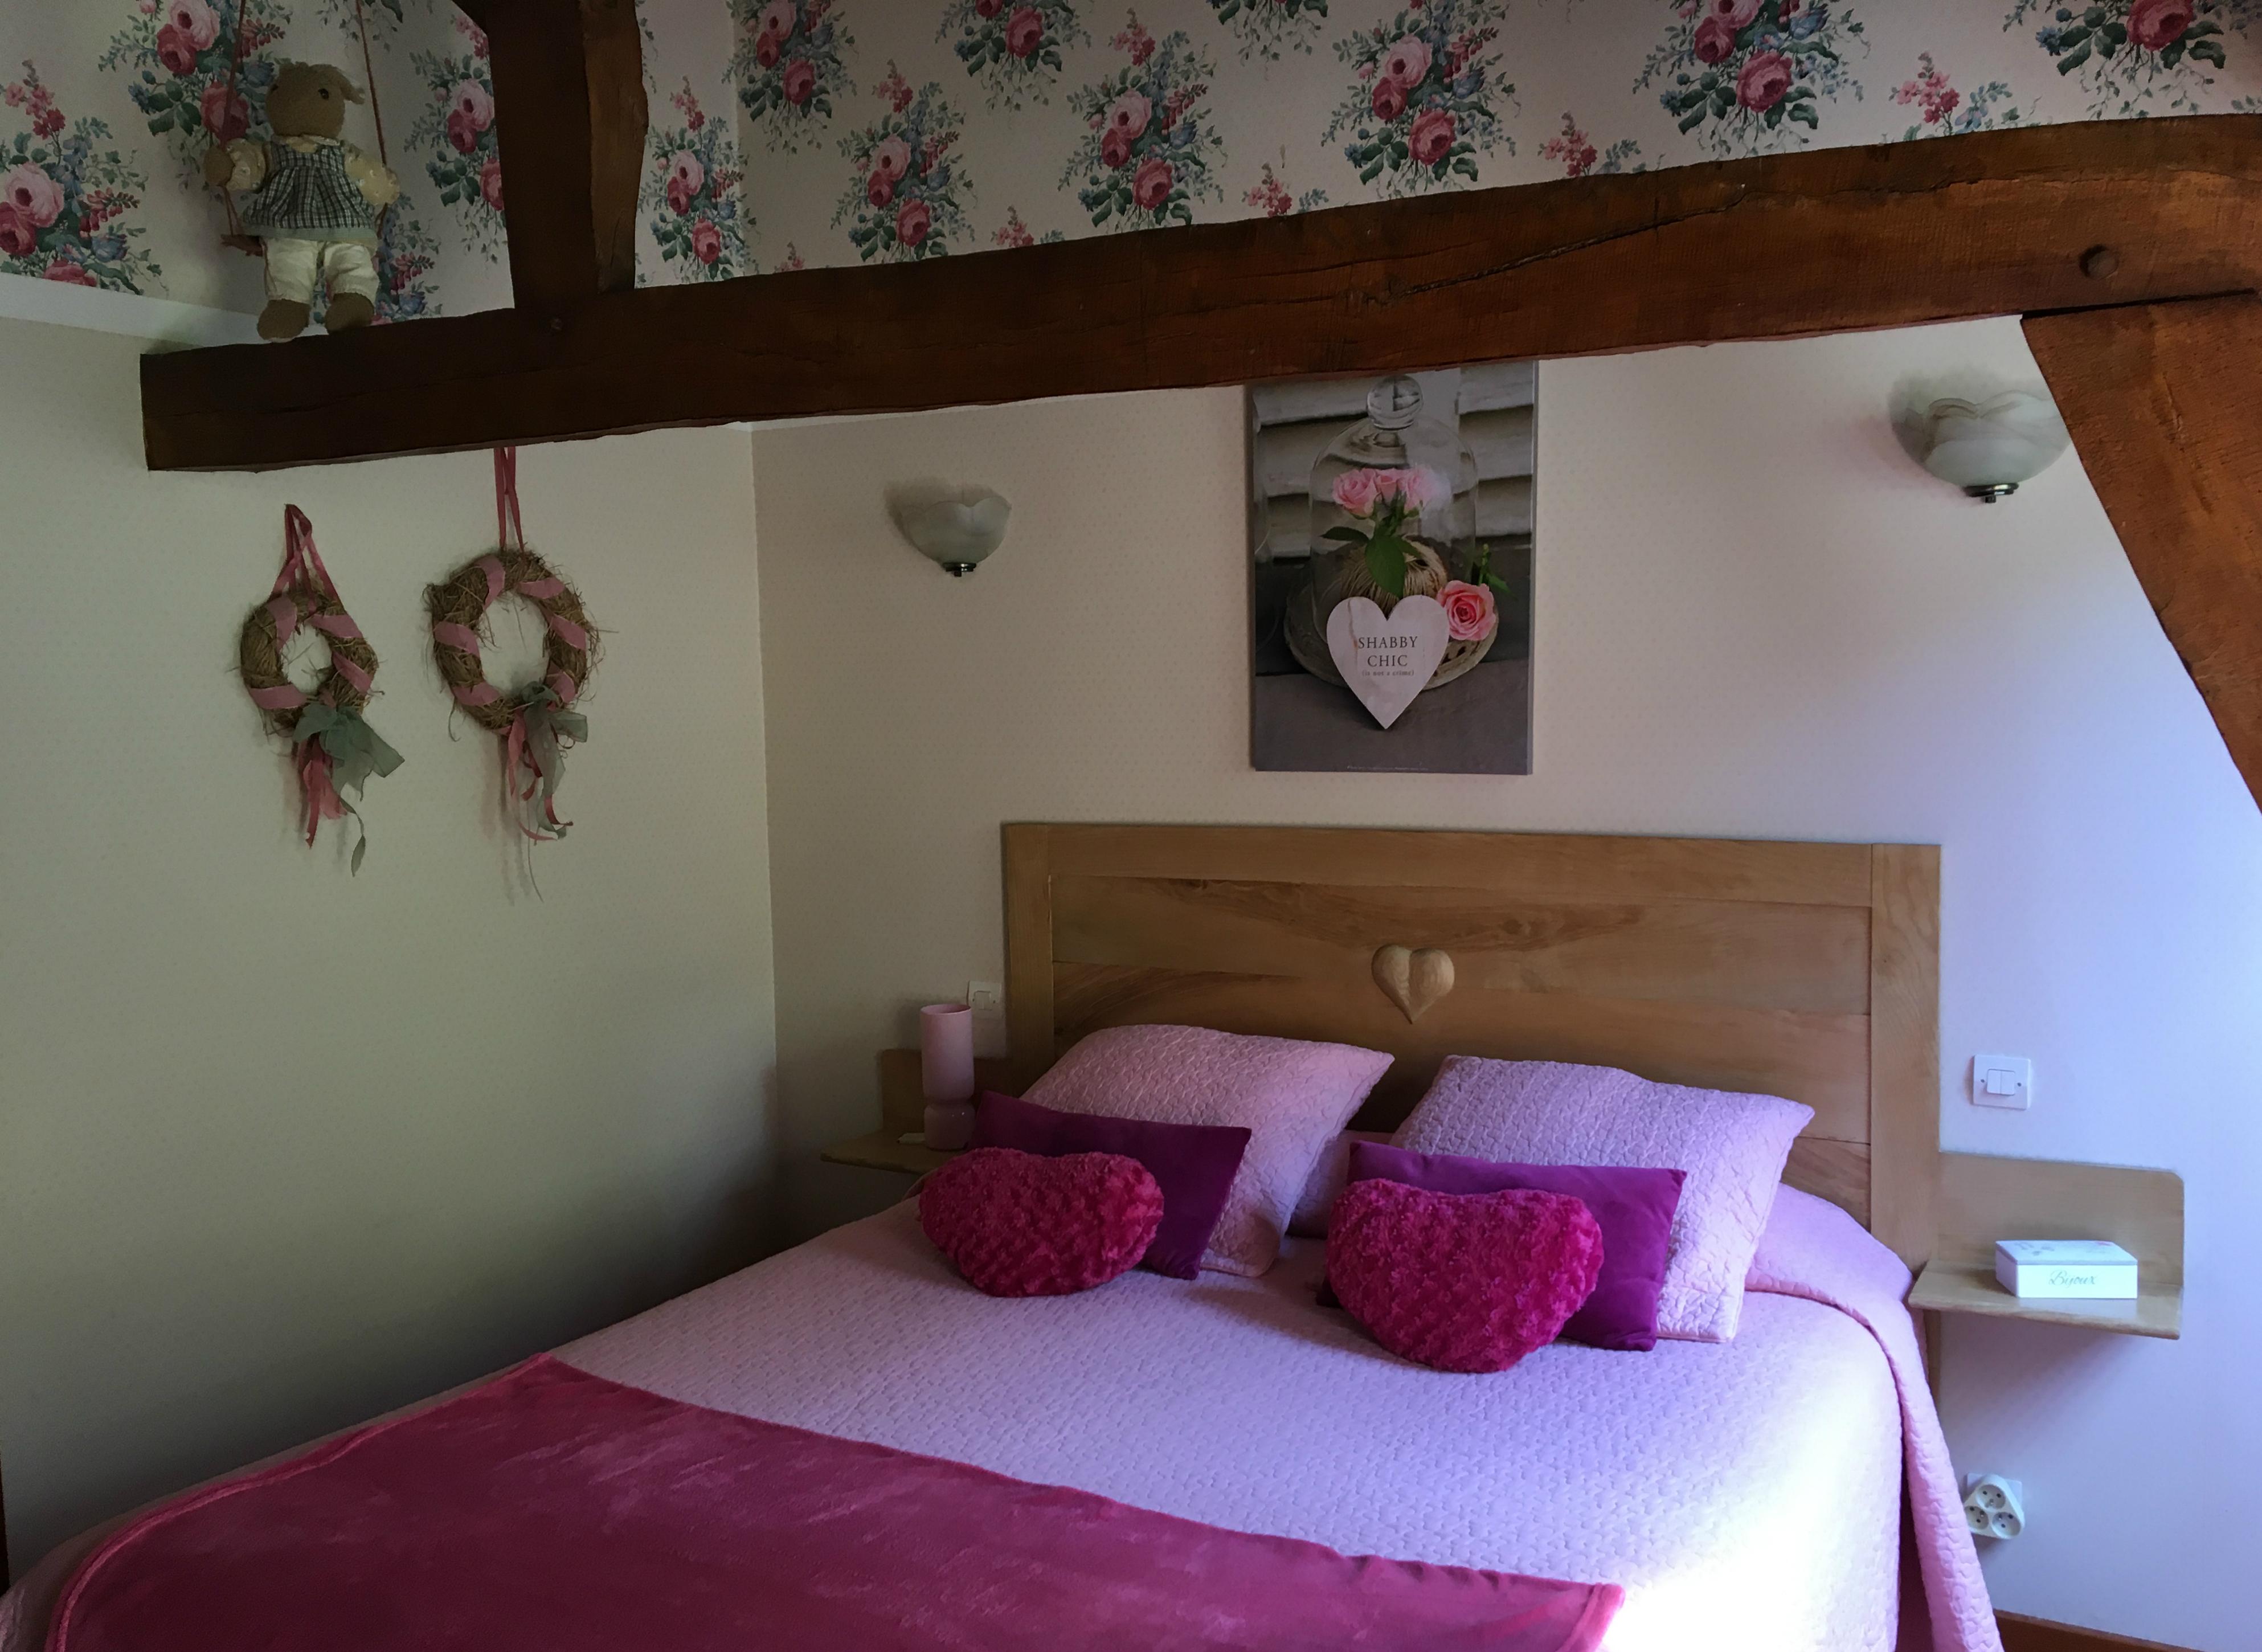 Chambre avec lit double de l'hôtel ferme des chartroux